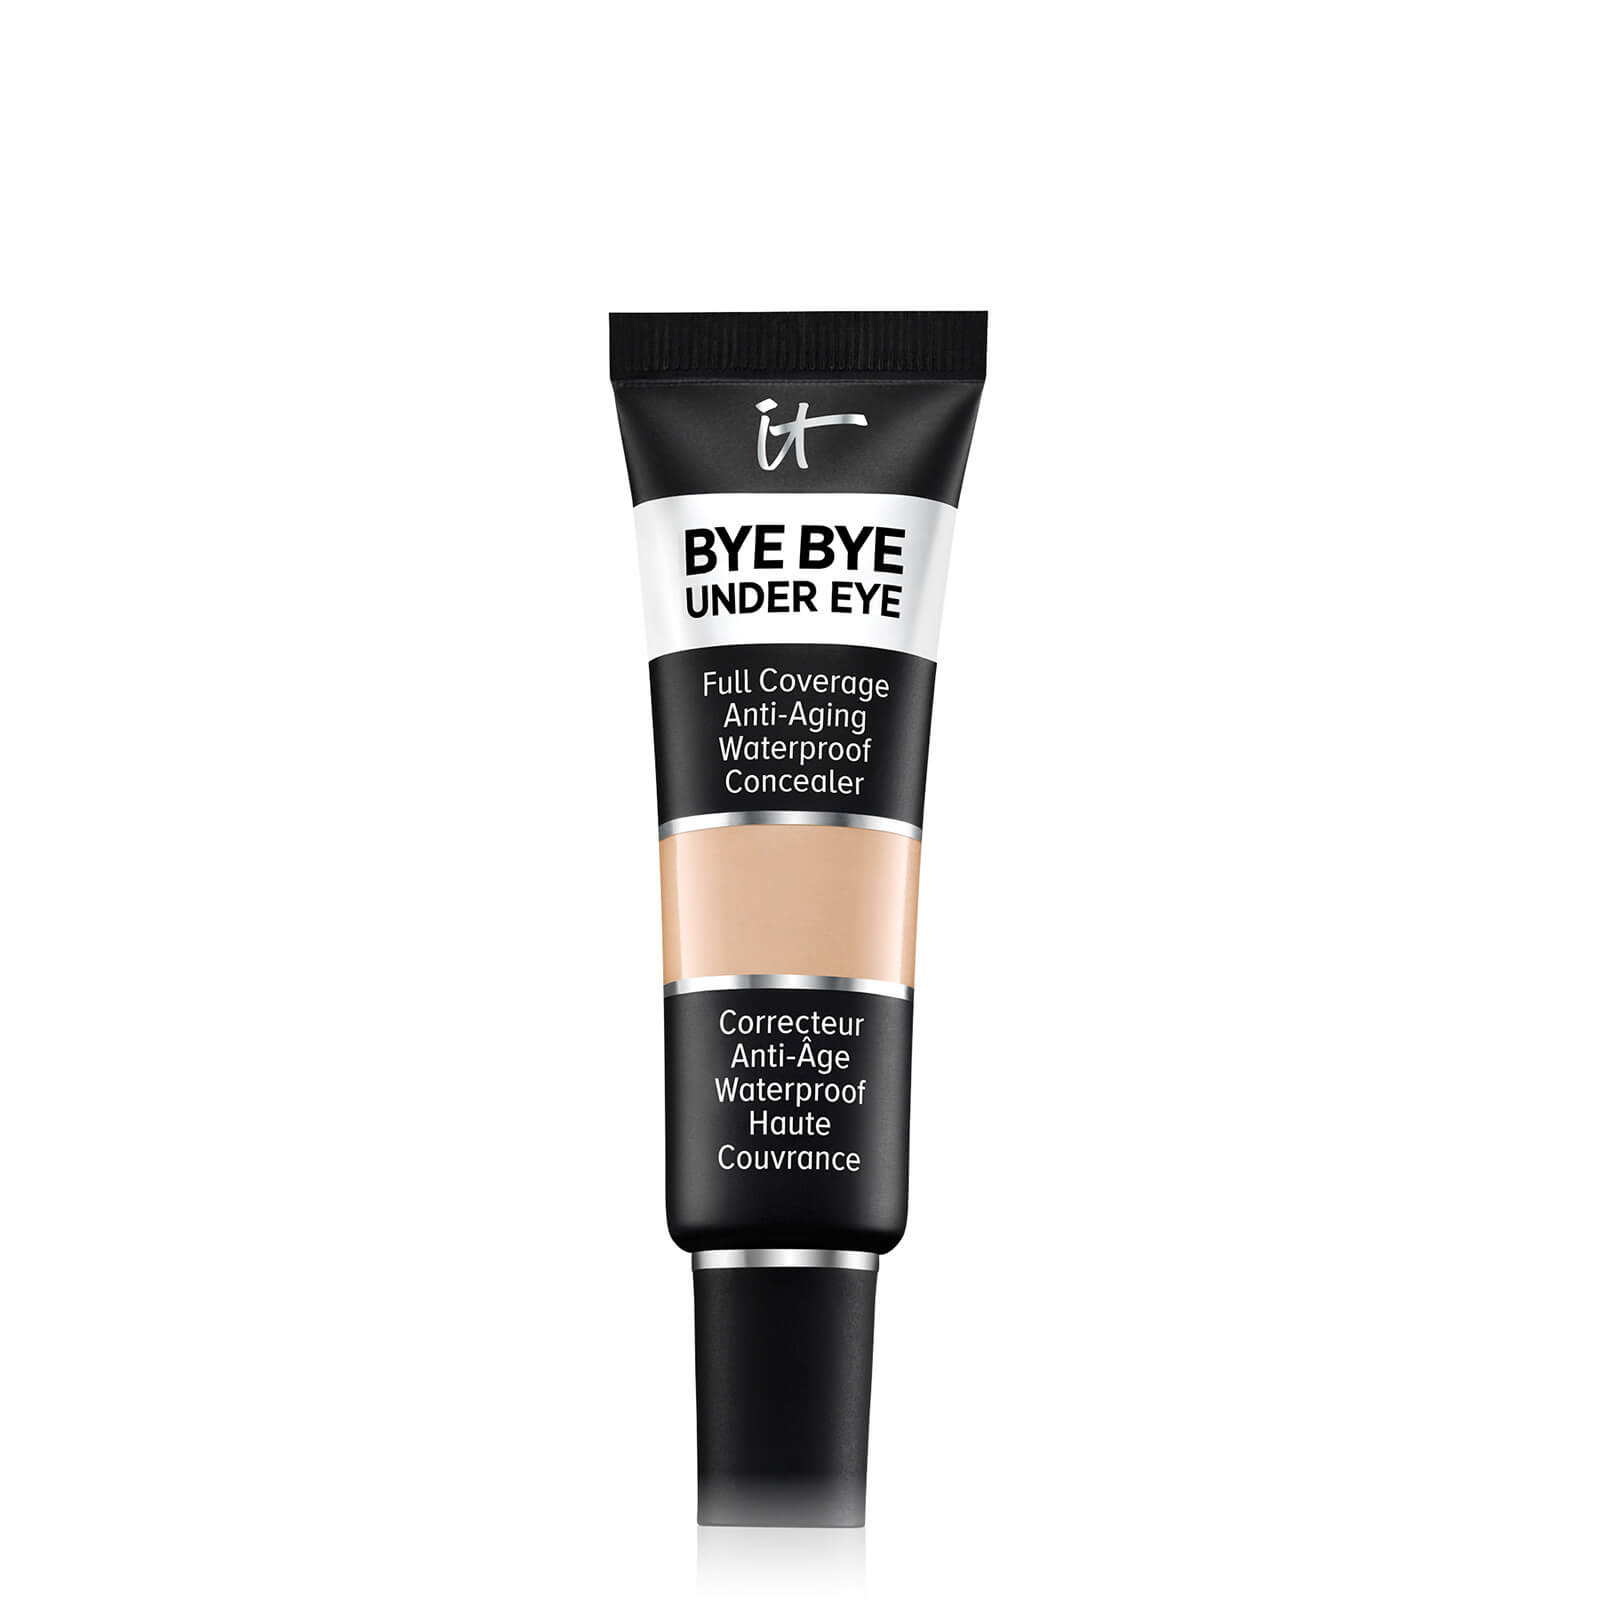 IT Cosmetics Bye Bye Under Eye Concealer 12ml (Various Shades) - Medium